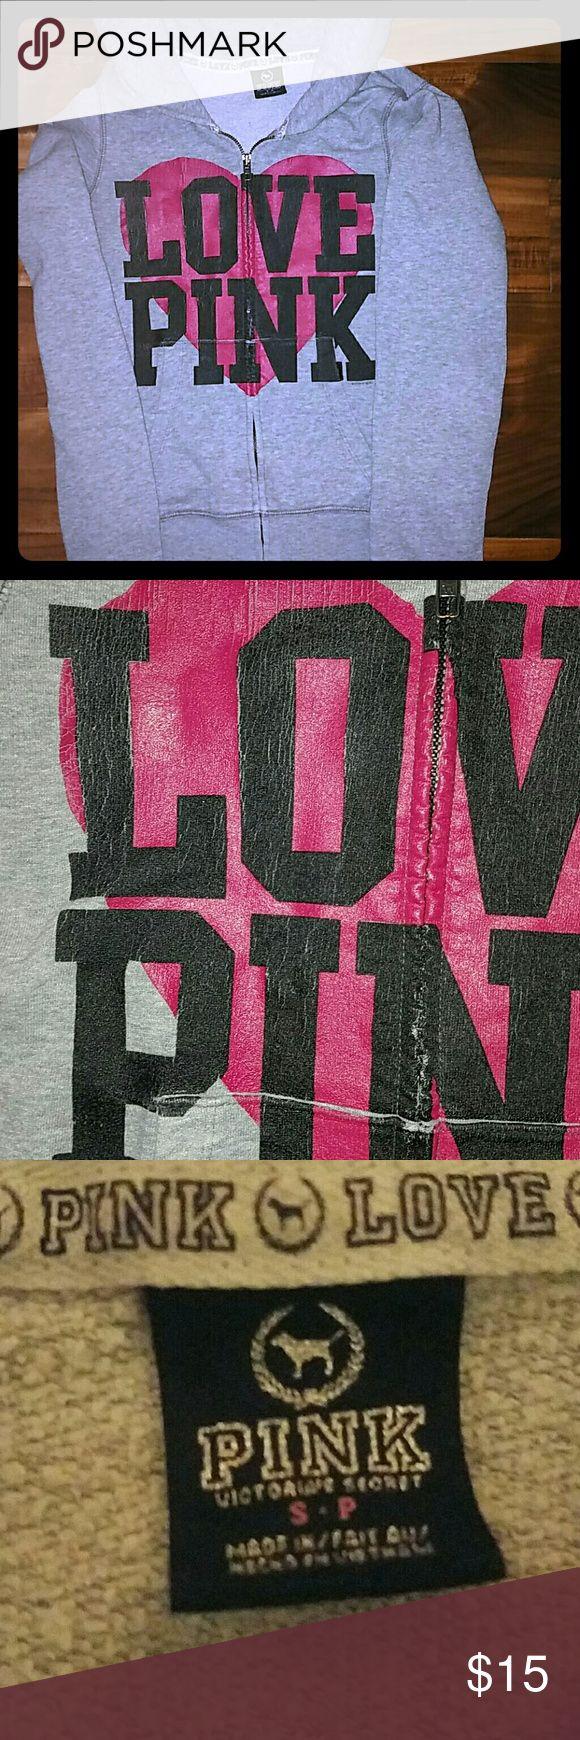 VS PINK zip up hoodie Vs PINK zip up hoodie. Worn and loved hoodie. Victoria's Secret Tops Sweatshirts & Hoodies